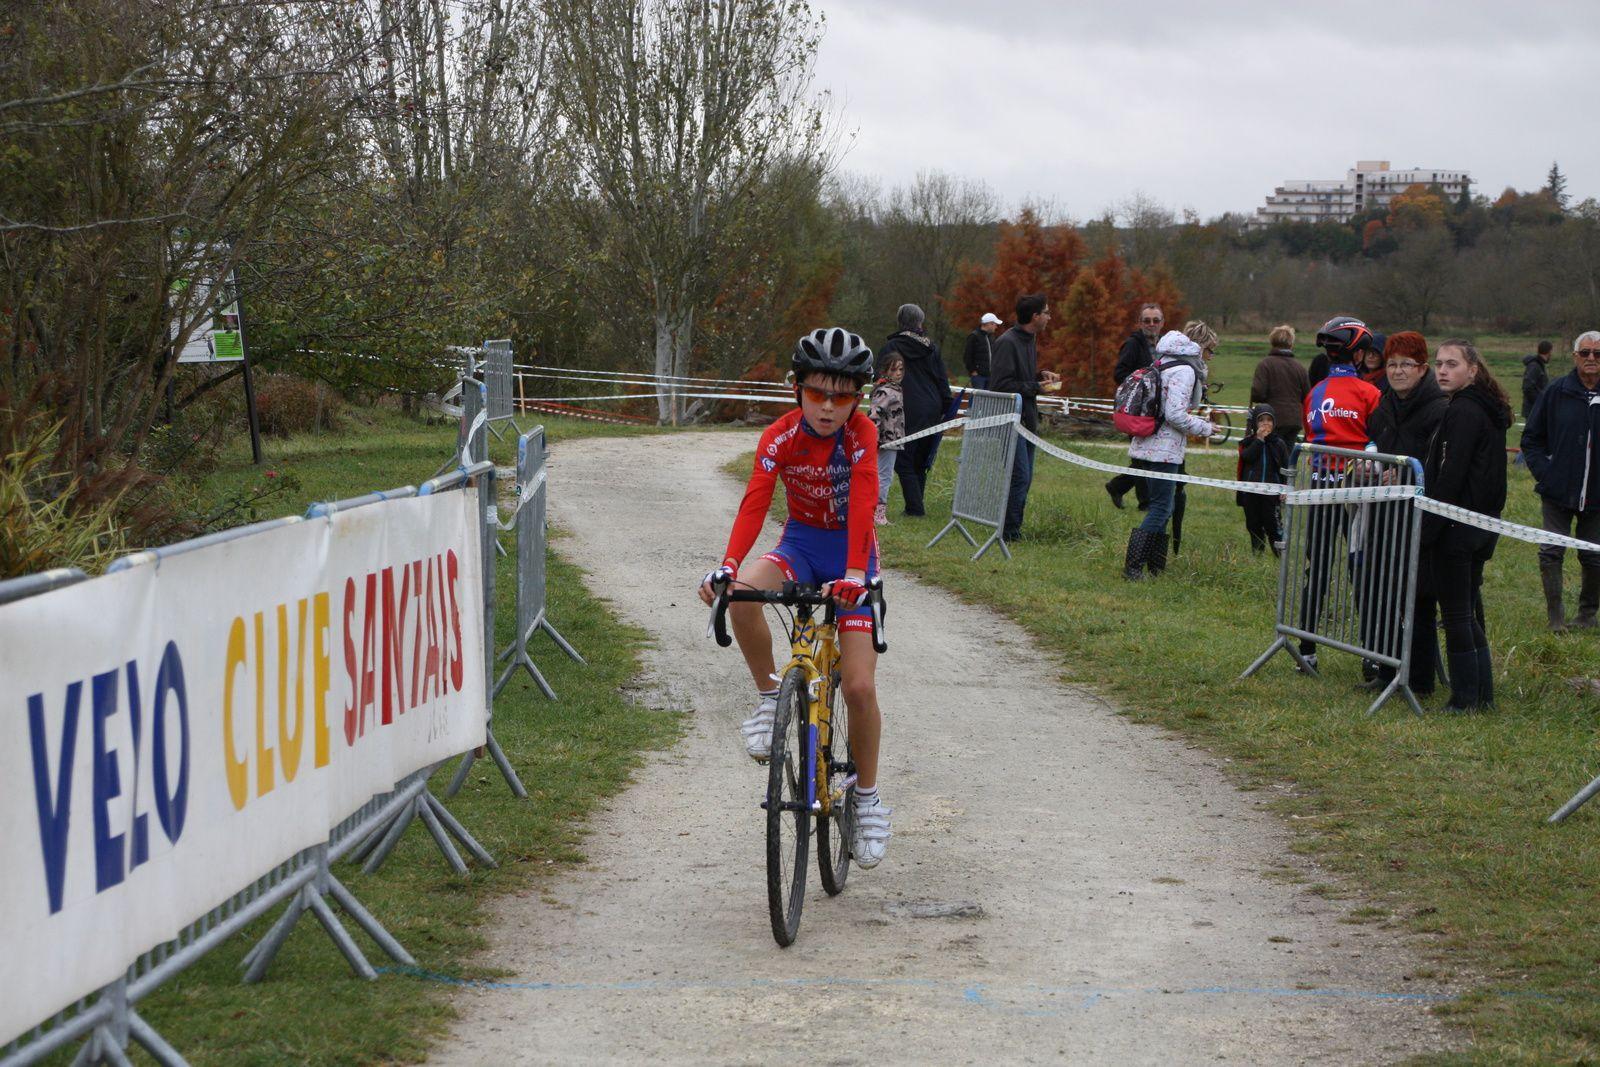 l'arrivée  des  Pupilles  avec  la  victoire  pour  Clément  CHAVANEL(AC  Chatellerault), 3e  Sébastien  FAURE (AC  Macqueville 17)